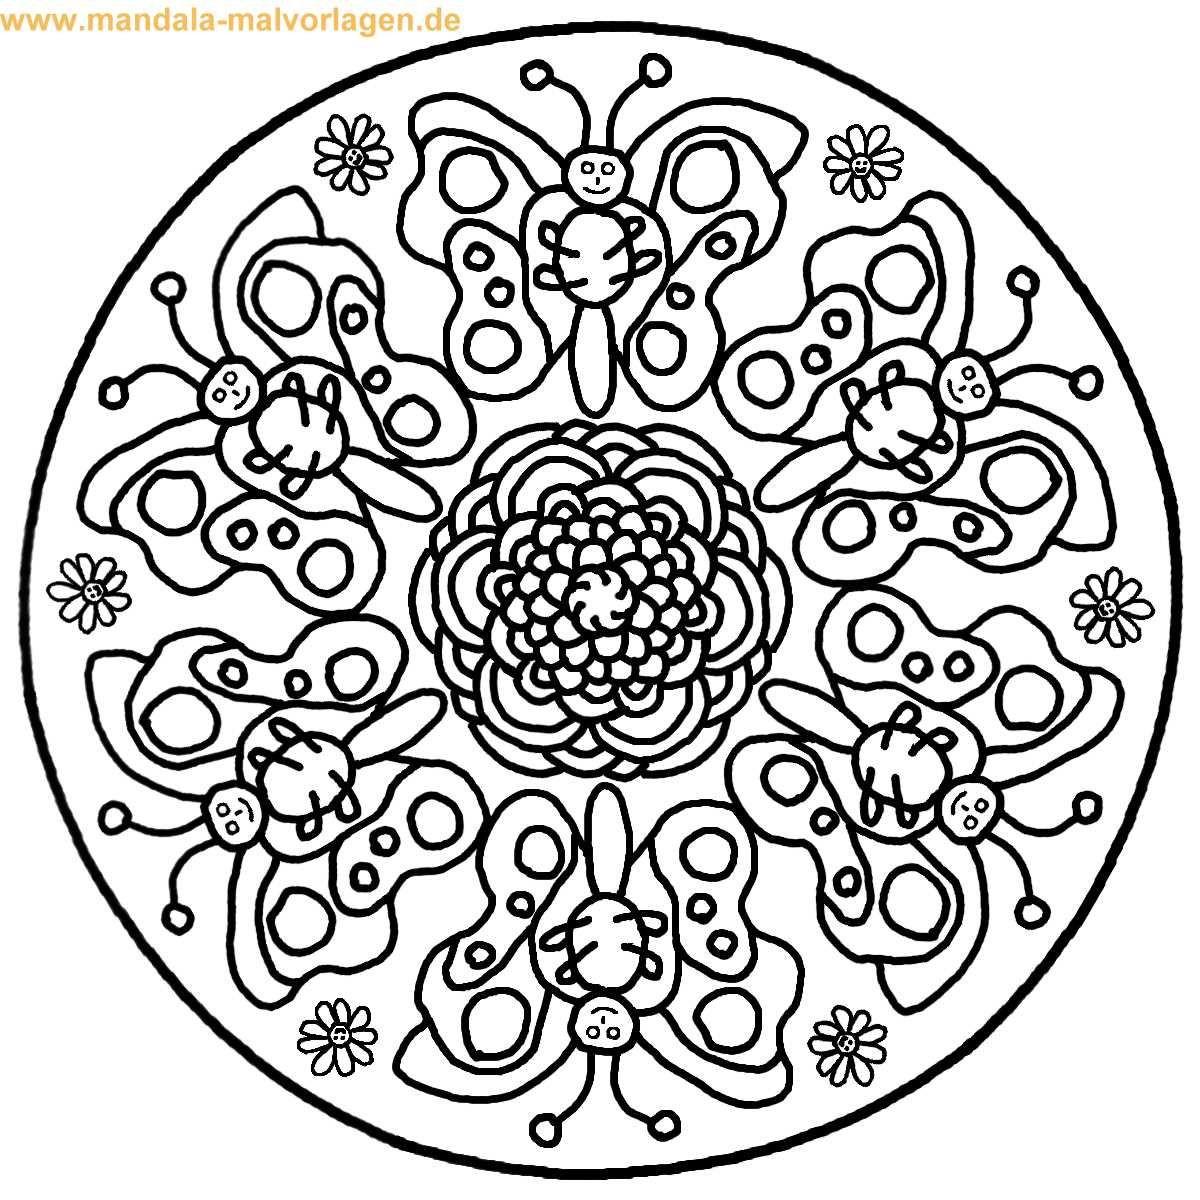 Malvorlagen Mandala  ausmalbilder mandala schmetterling – Ausmalbilder für